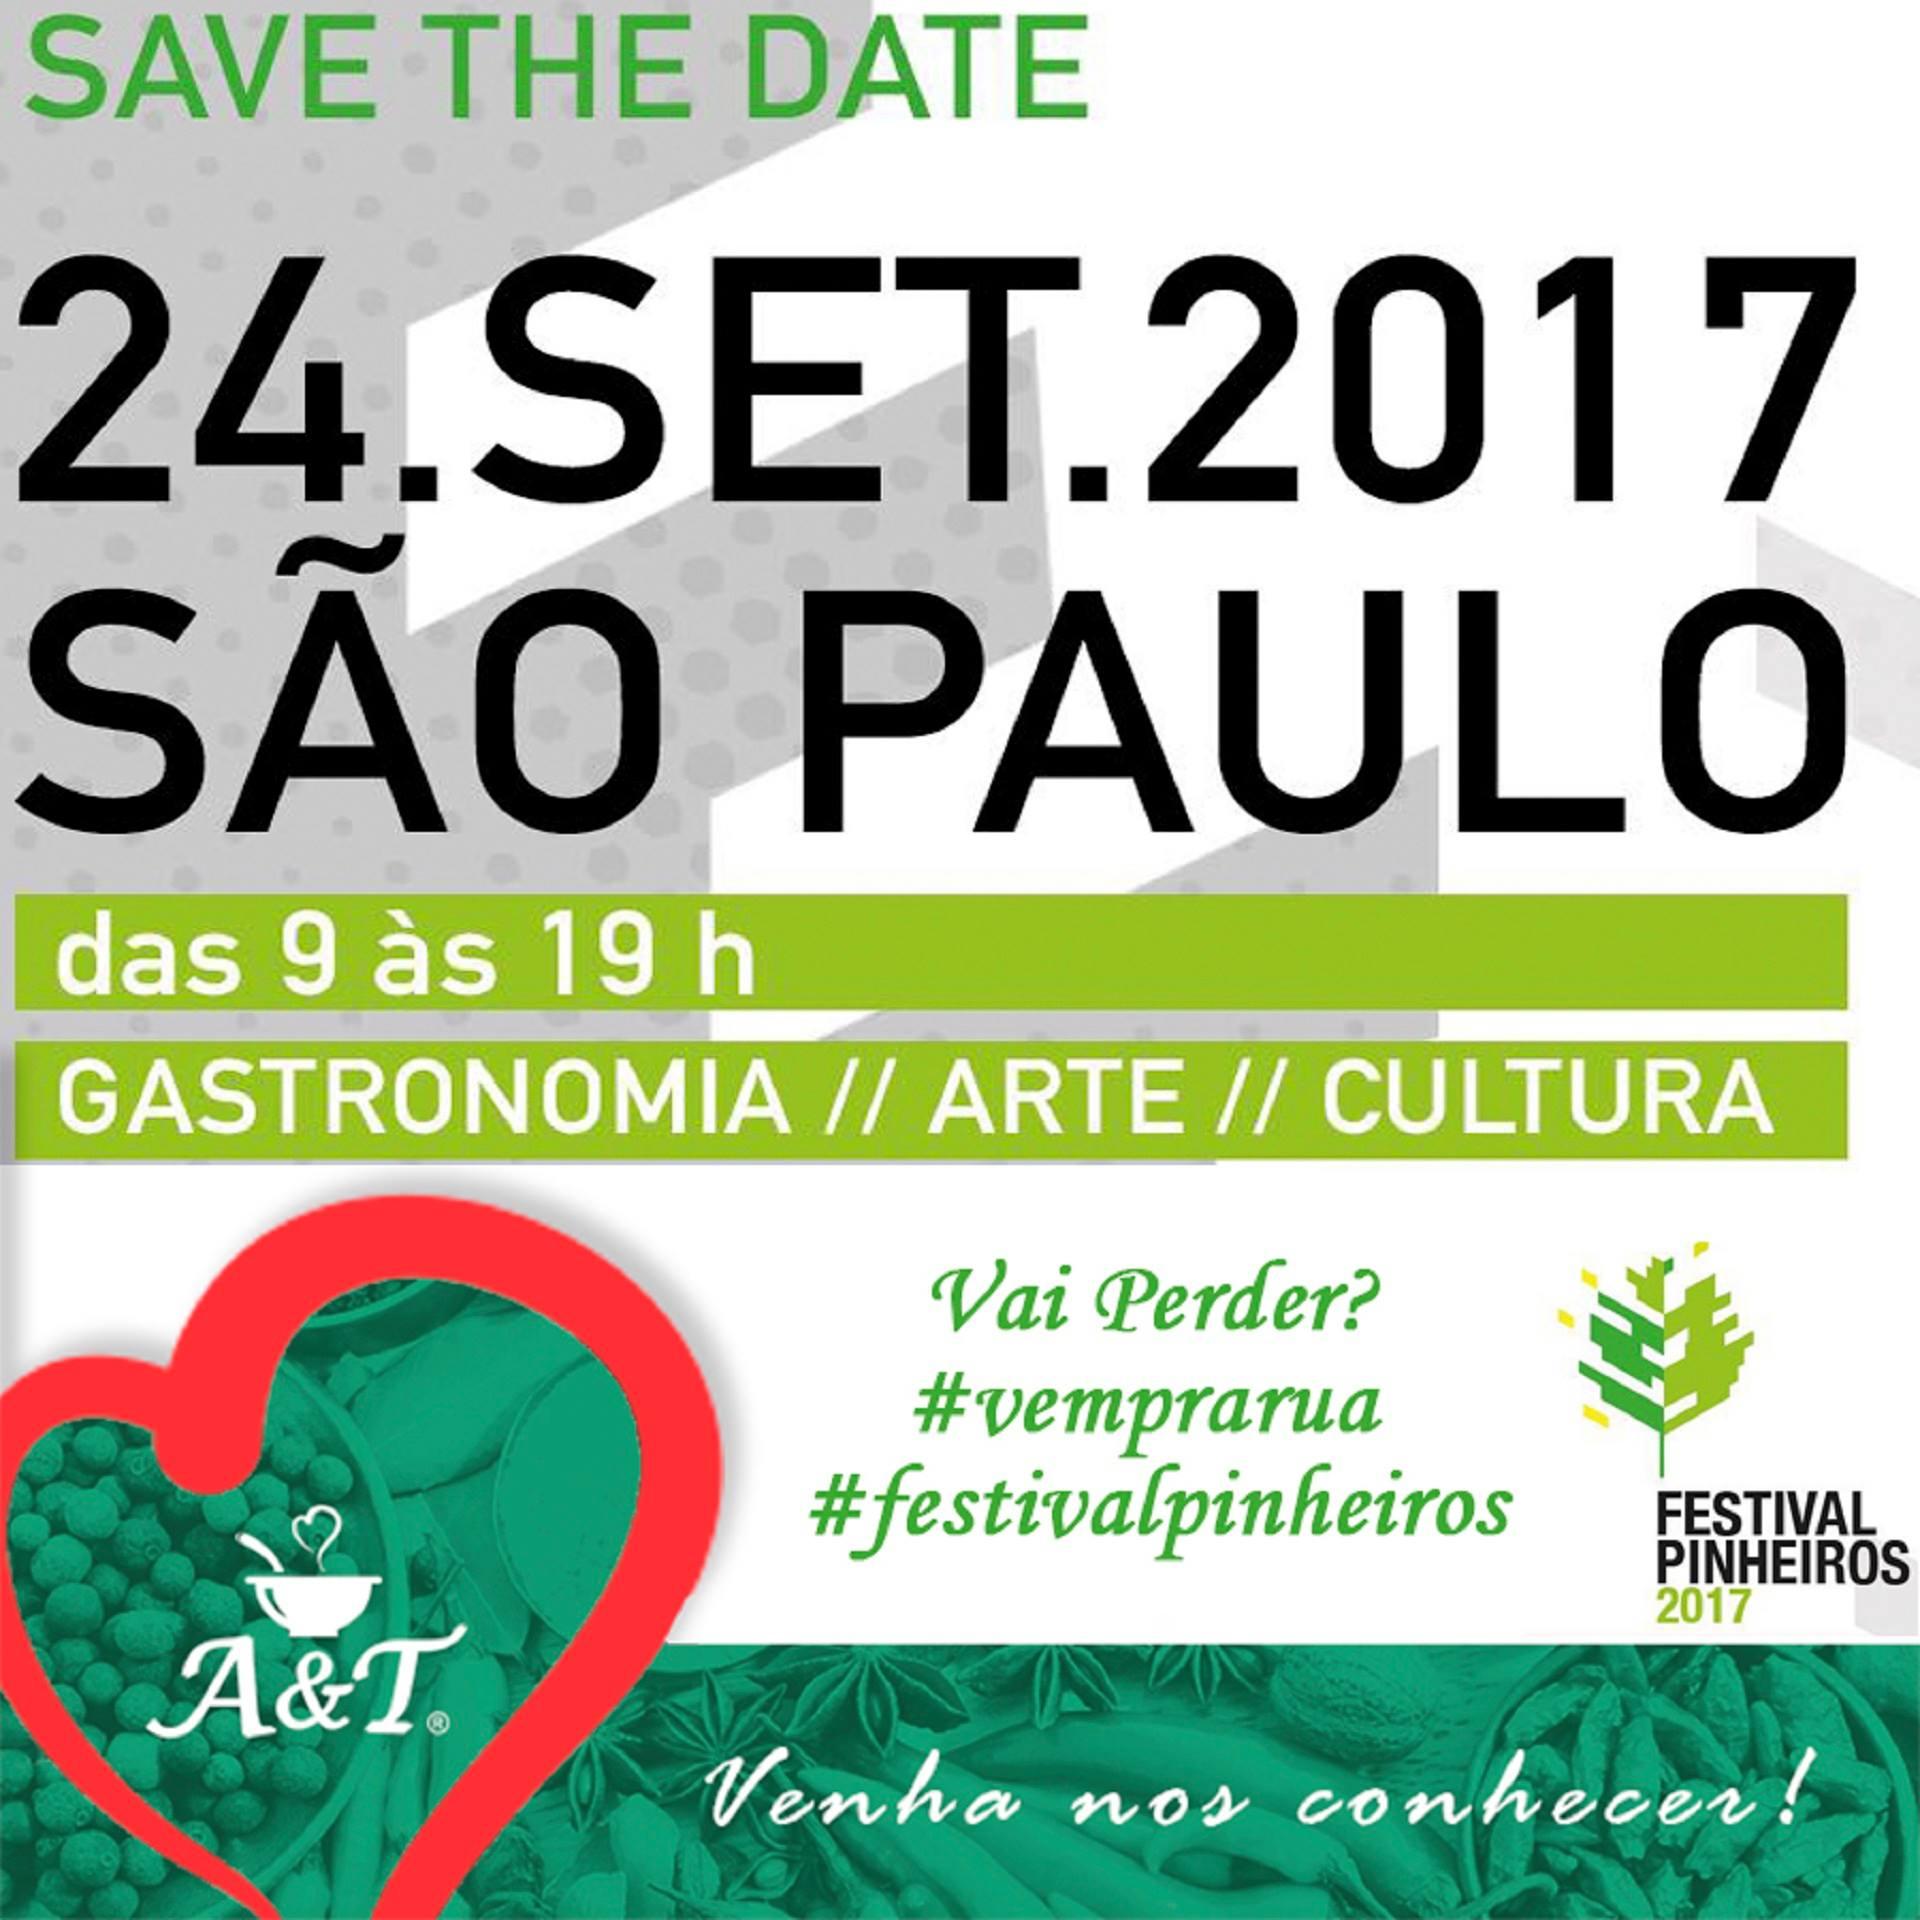 Festival Pinheiros